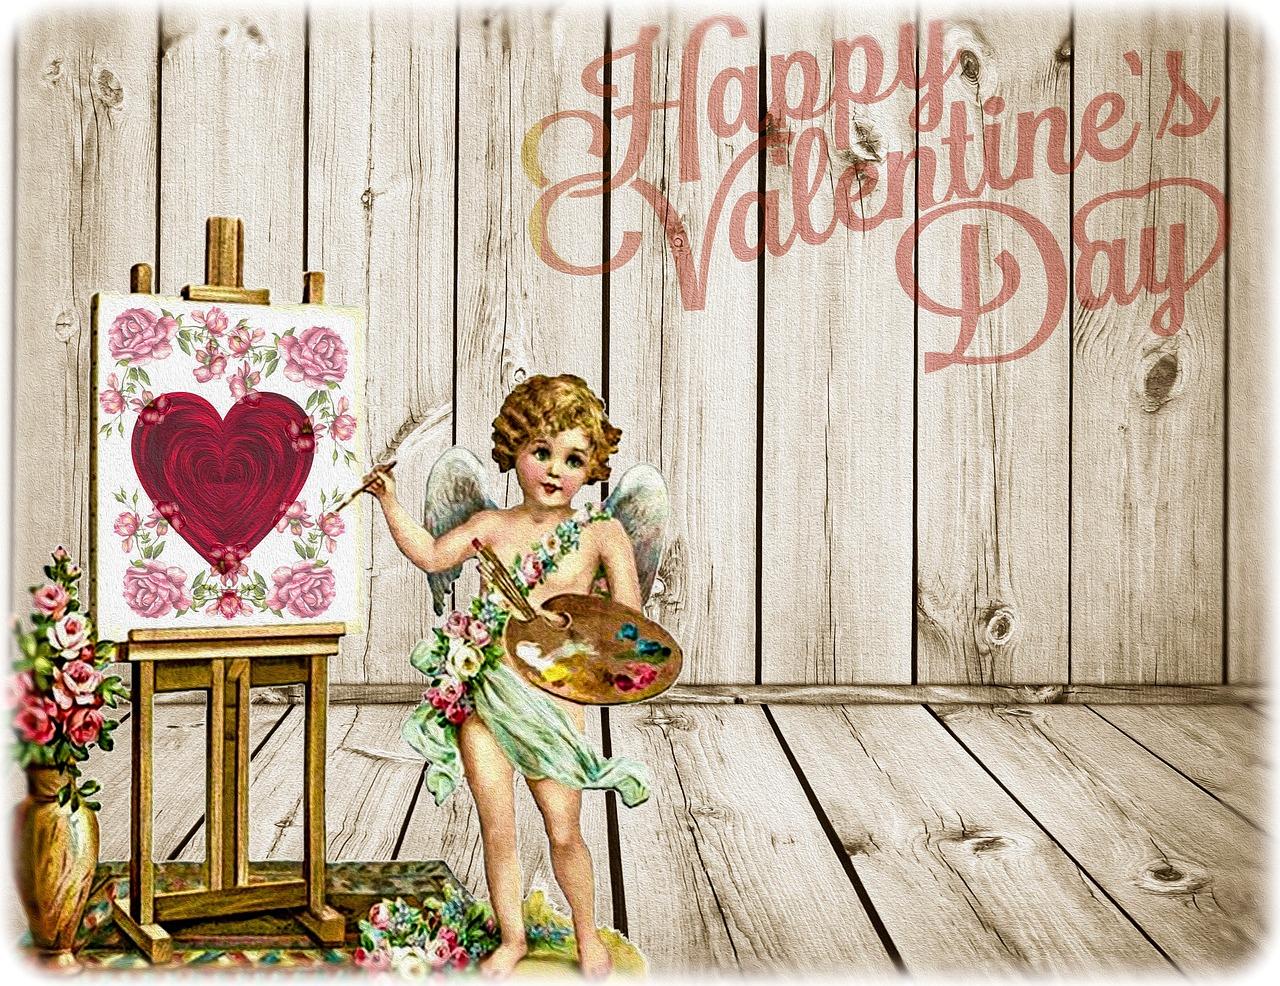 Открытки с днем влюбленных - 14 февраля 1